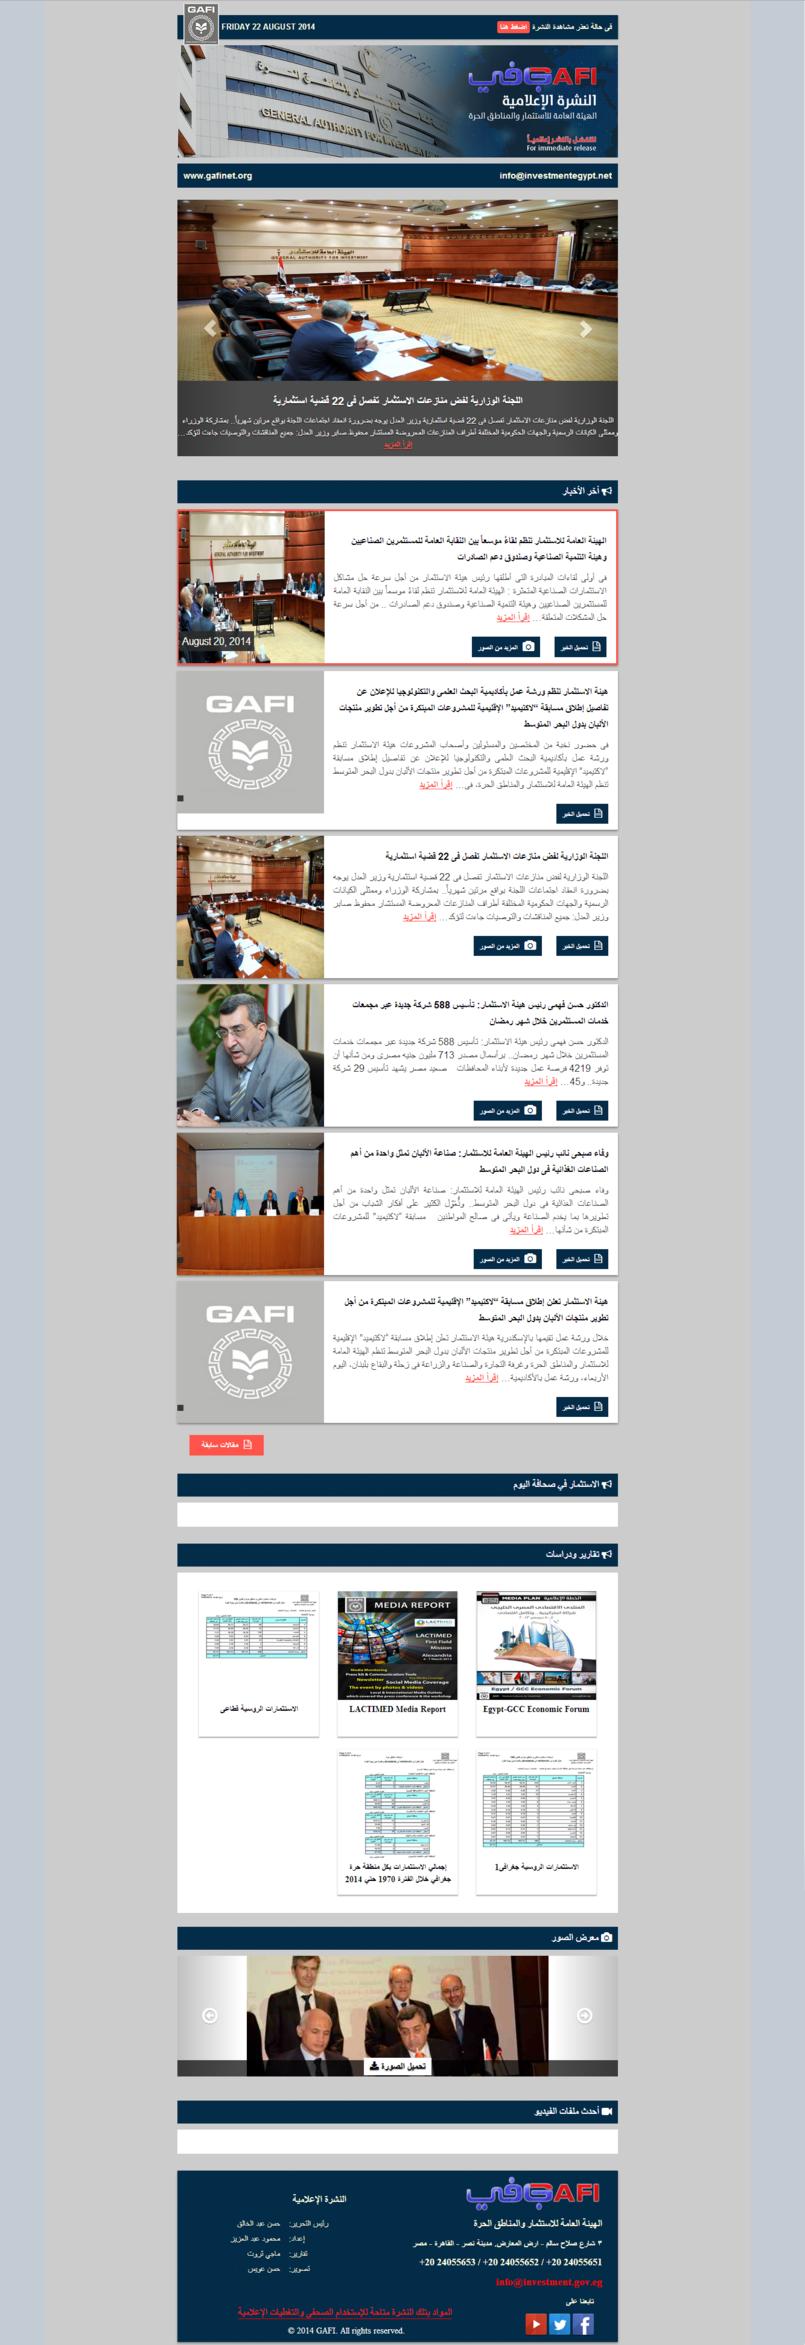 الصفحة الرئيسية للنشرة